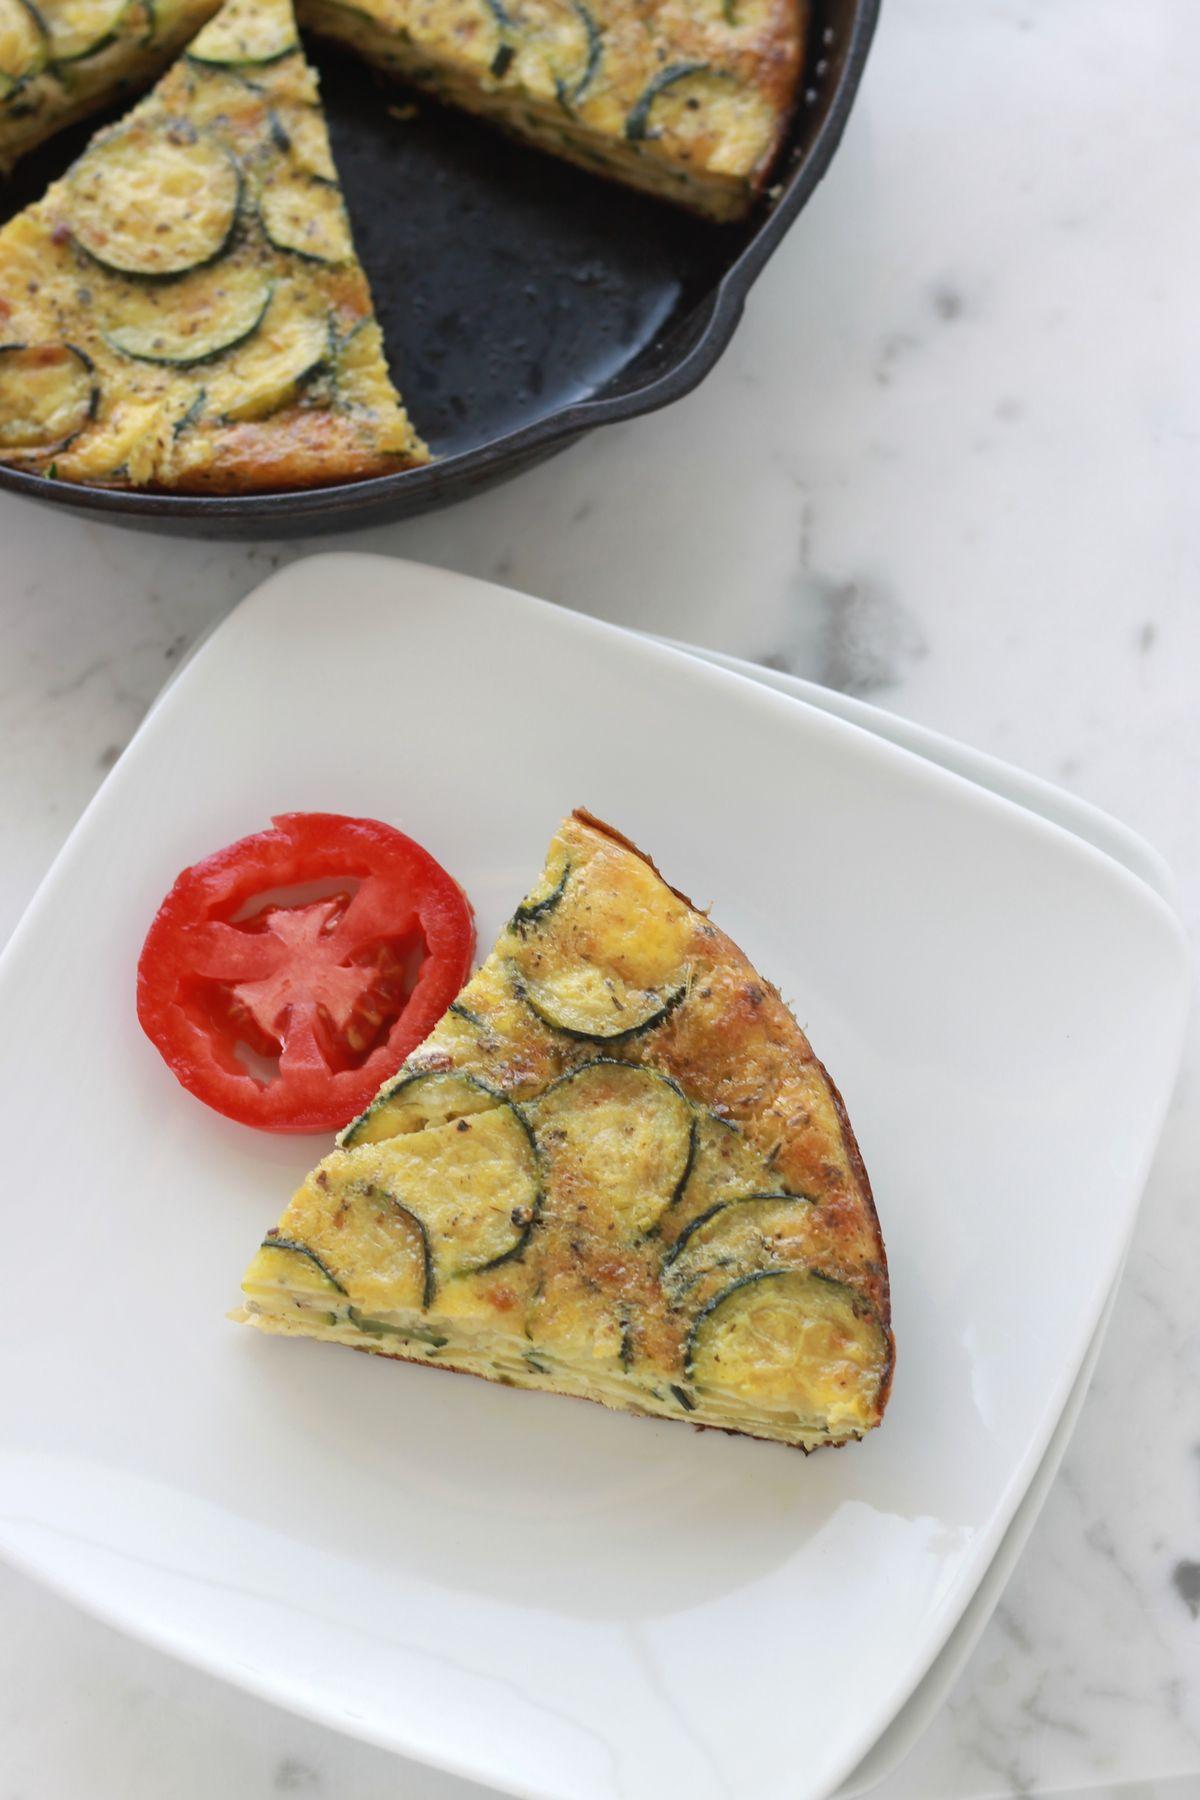 Frittata aux courgettes, facile, 30 minutes en tout : oeufs, courgettes, fromage. Parfaite pour le petit déjeuner, en entrée ou en plat / cuisineculinaire.com